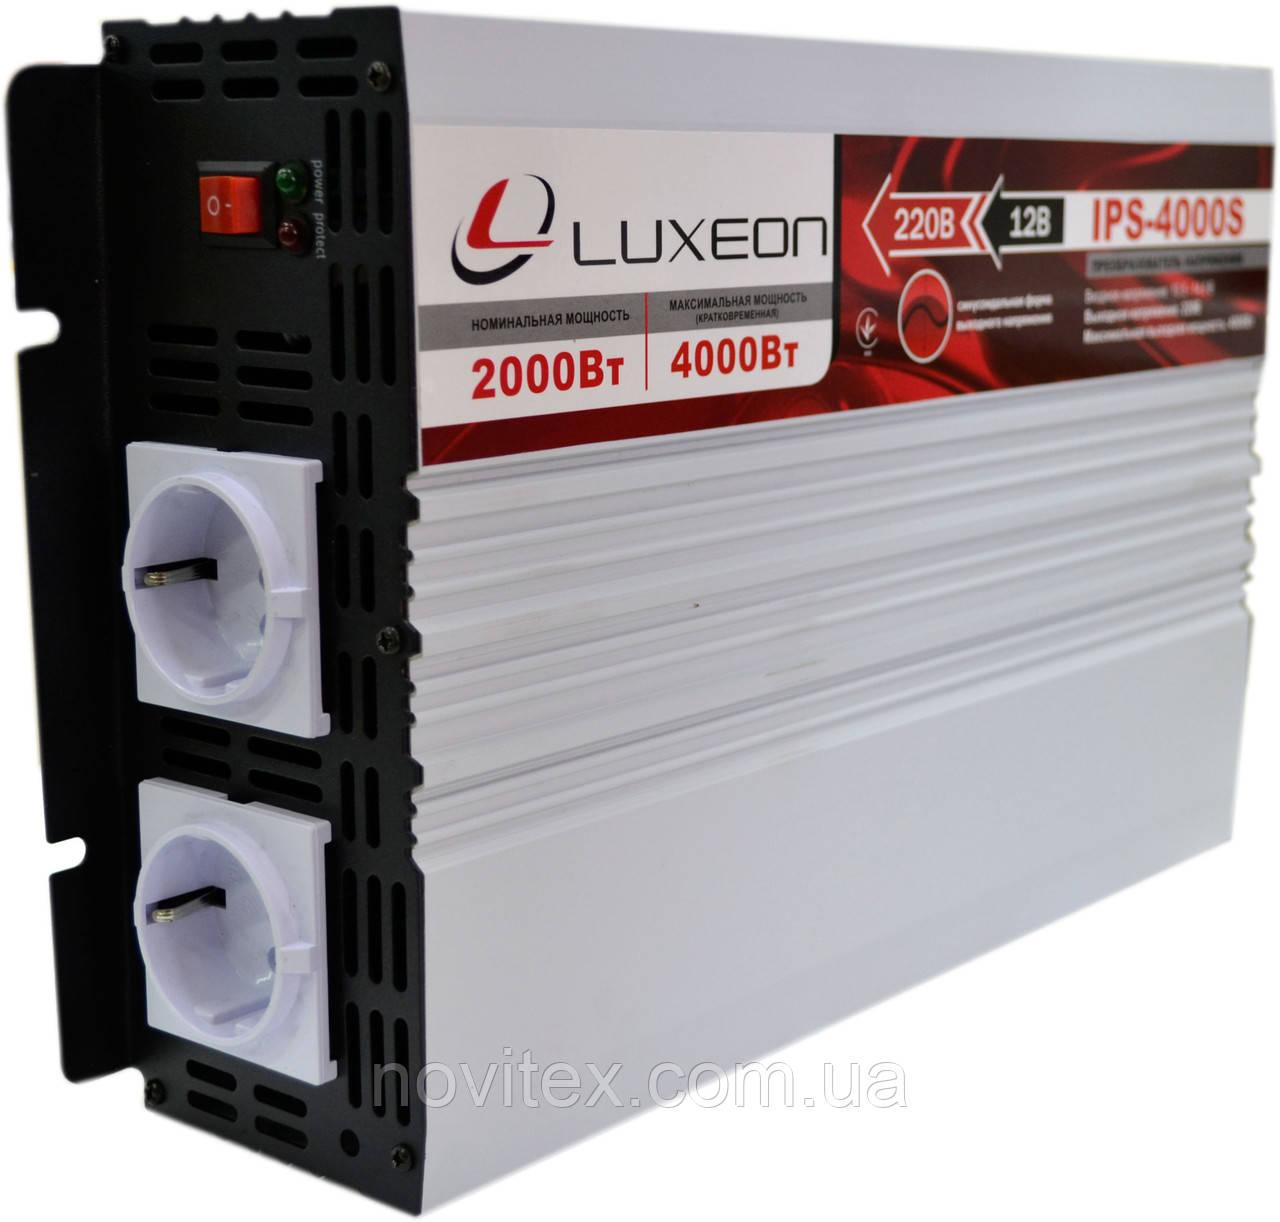 Инвертор Luxeon IPS-4000S (2000Вт)